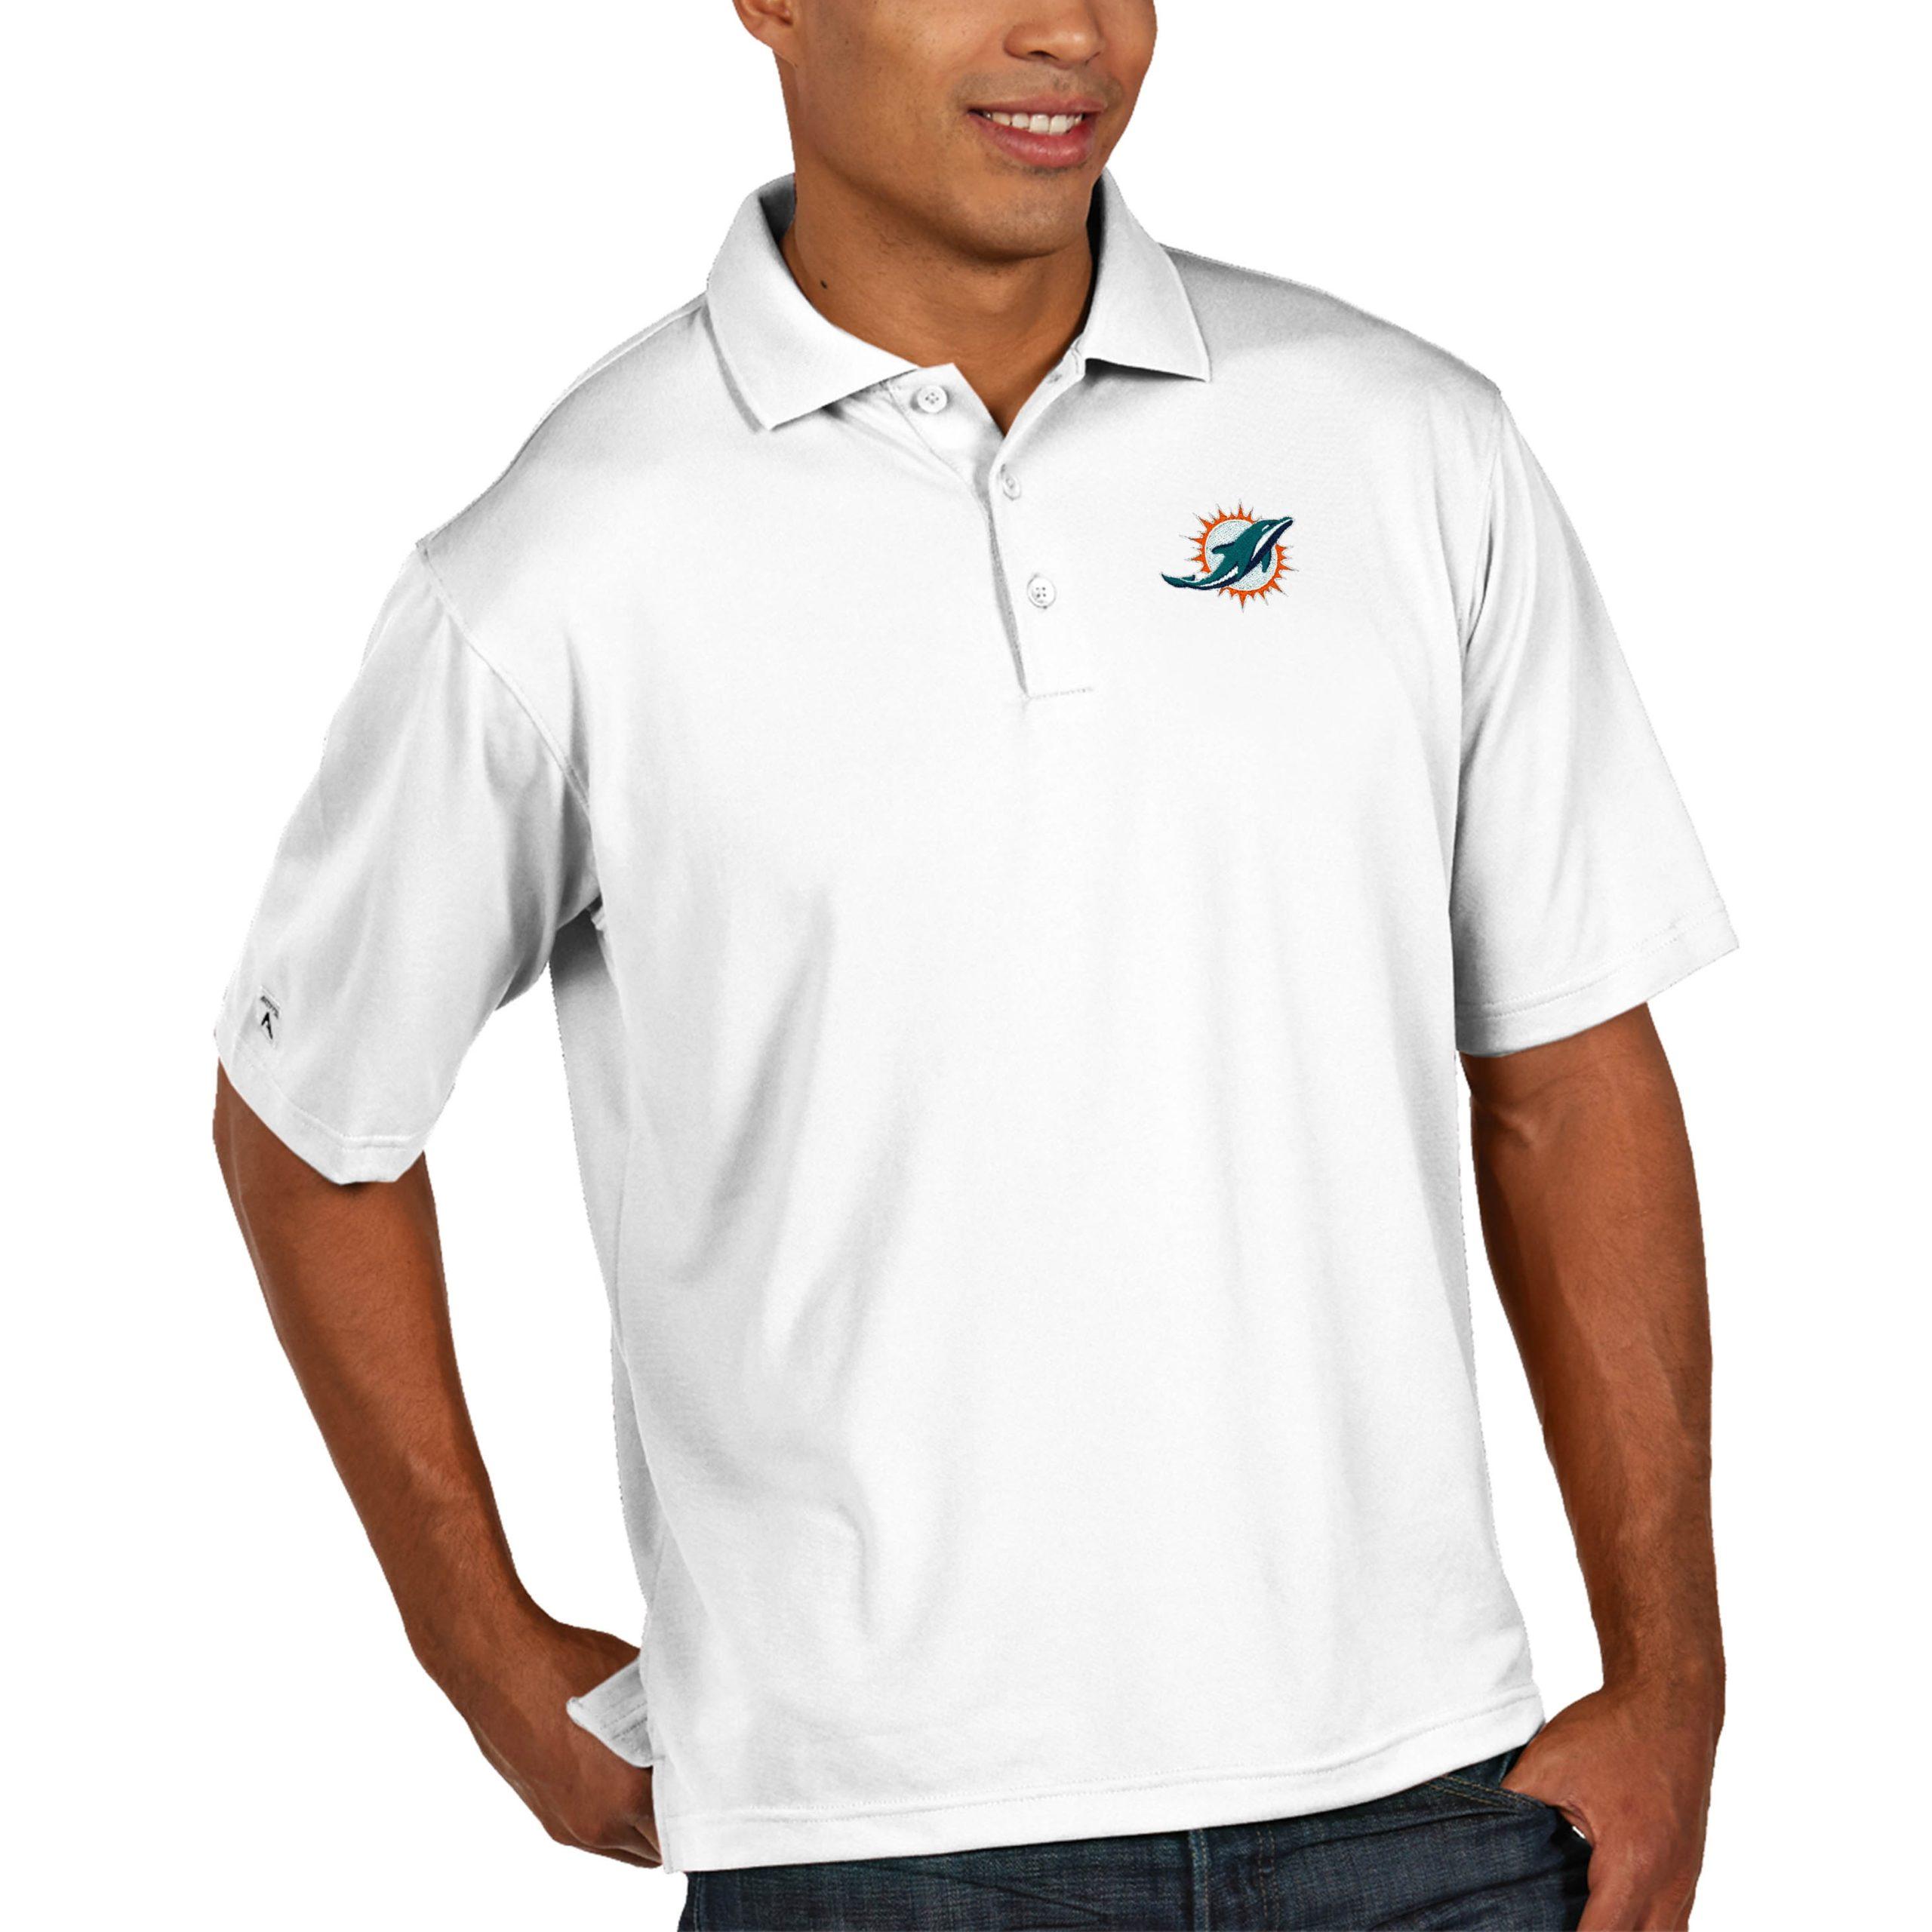 Miami Dolphins Antigua Pique Xtra Lite Big & Tall Polo - White